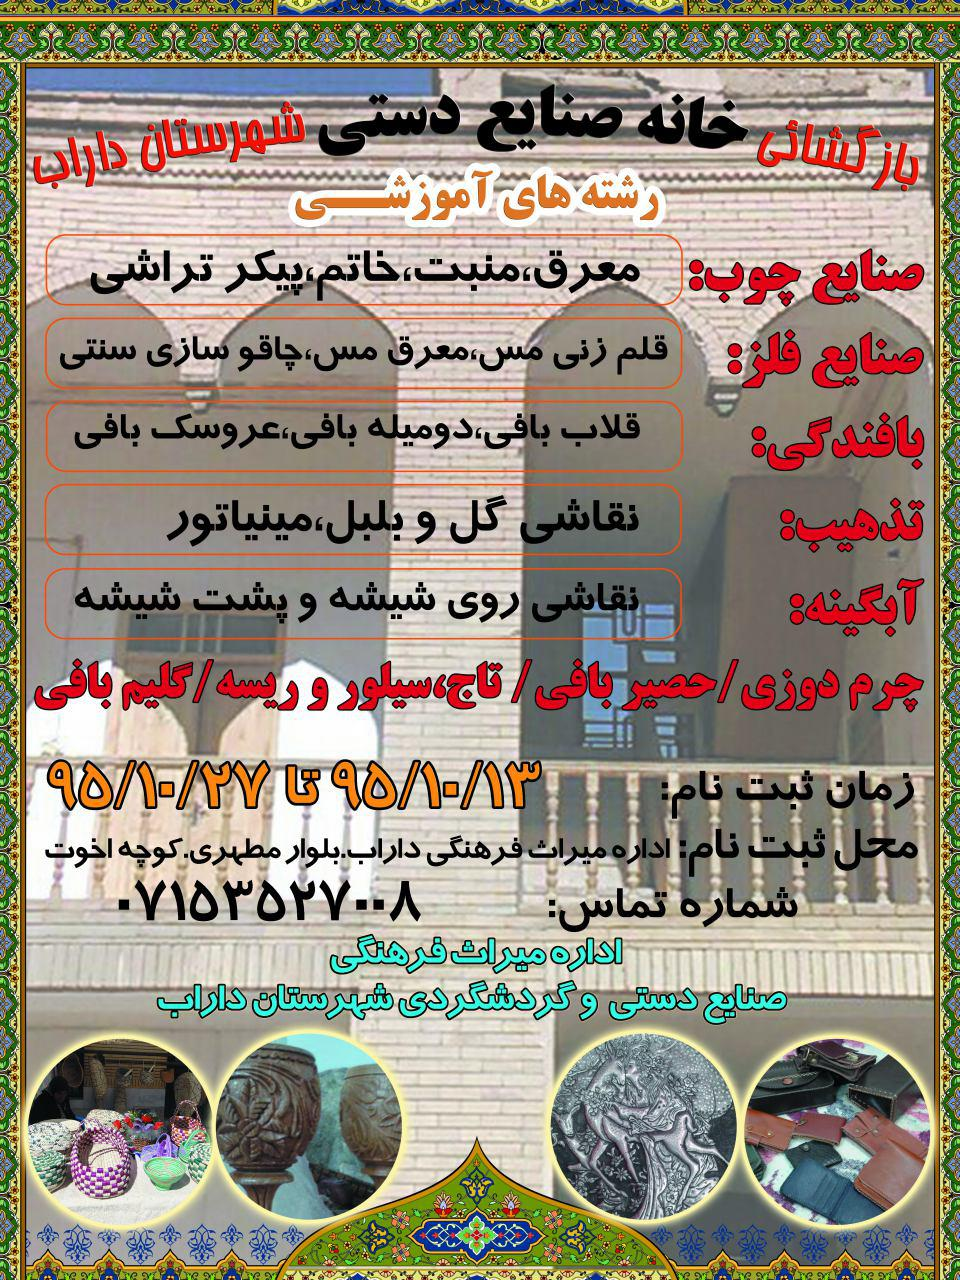 اطلاعیه: بخش الحاقی خانه سوخکیان به عنوان خانه صنایع دستی شهرستان داراب بازگشایی و راه اندازی شد